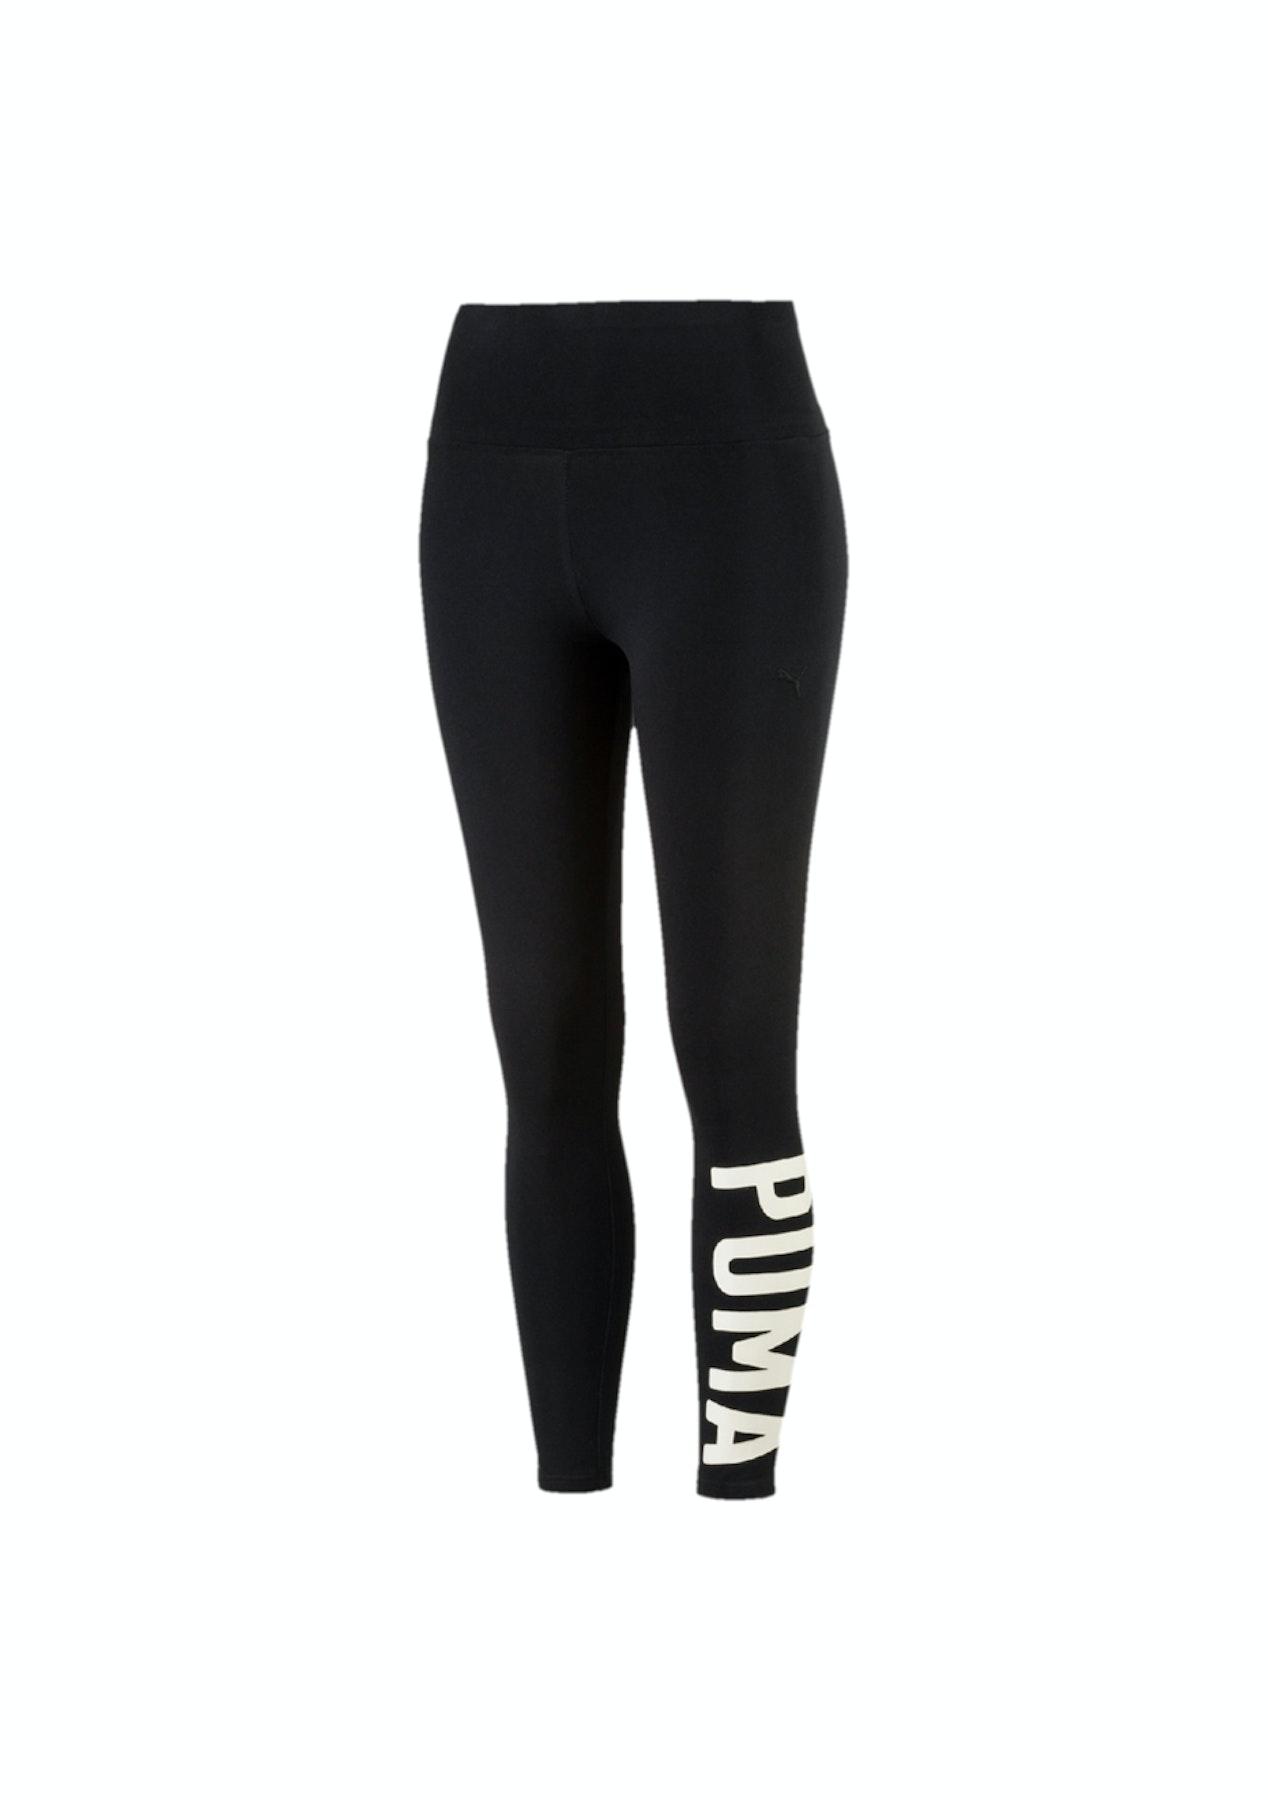 b7b61ba0664 Puma Womens - Athletic Leggings W Black